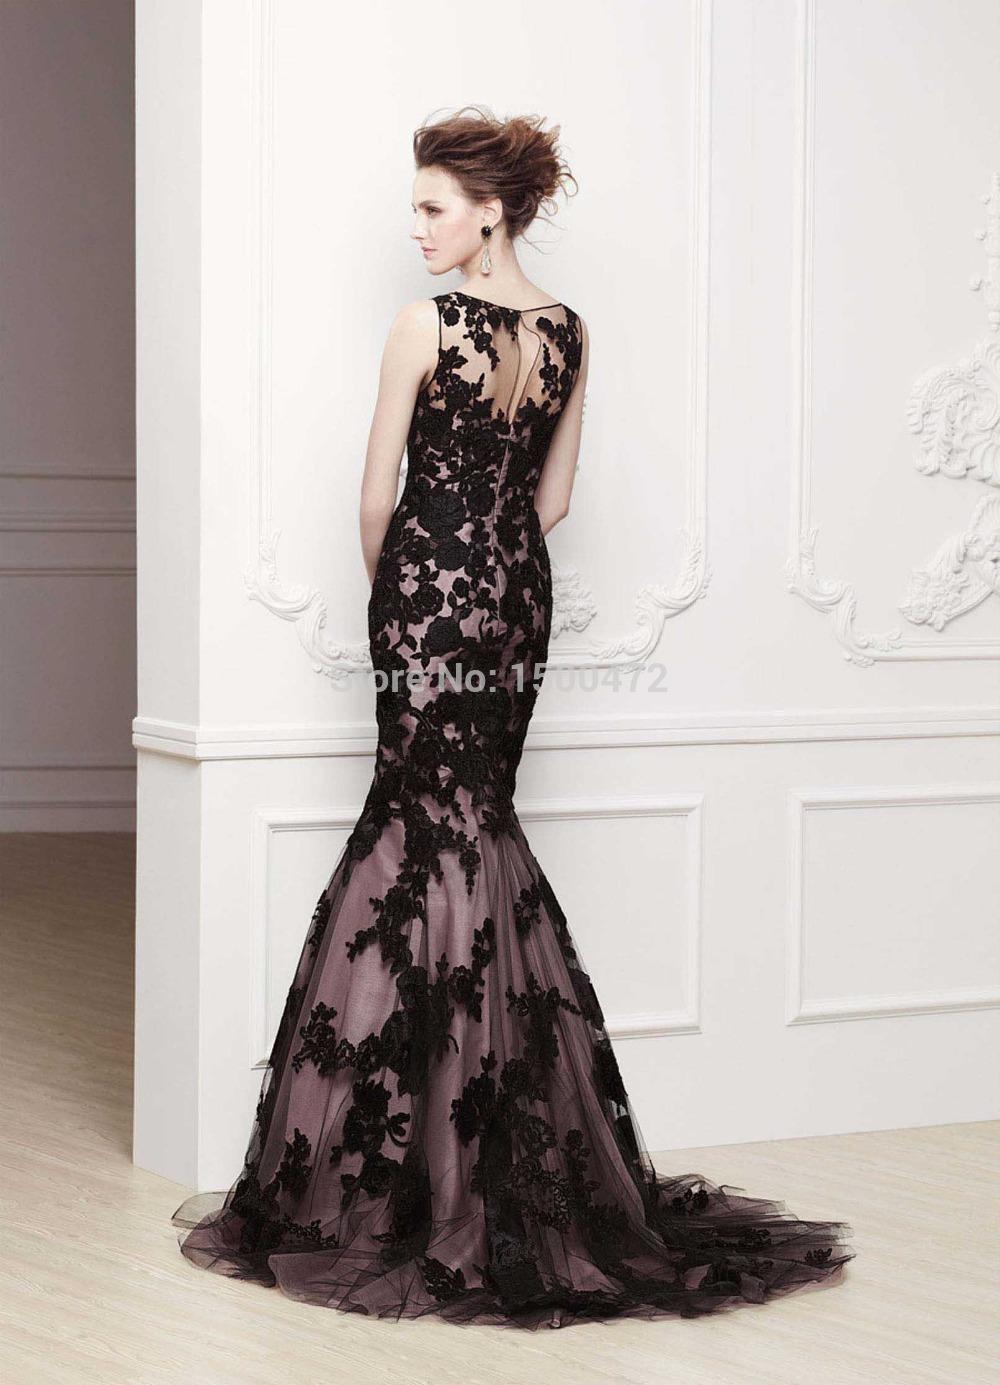 94917c5f68 Elegante Piso Larga Noche de la Sirena Negro Vestidos para la velada ...